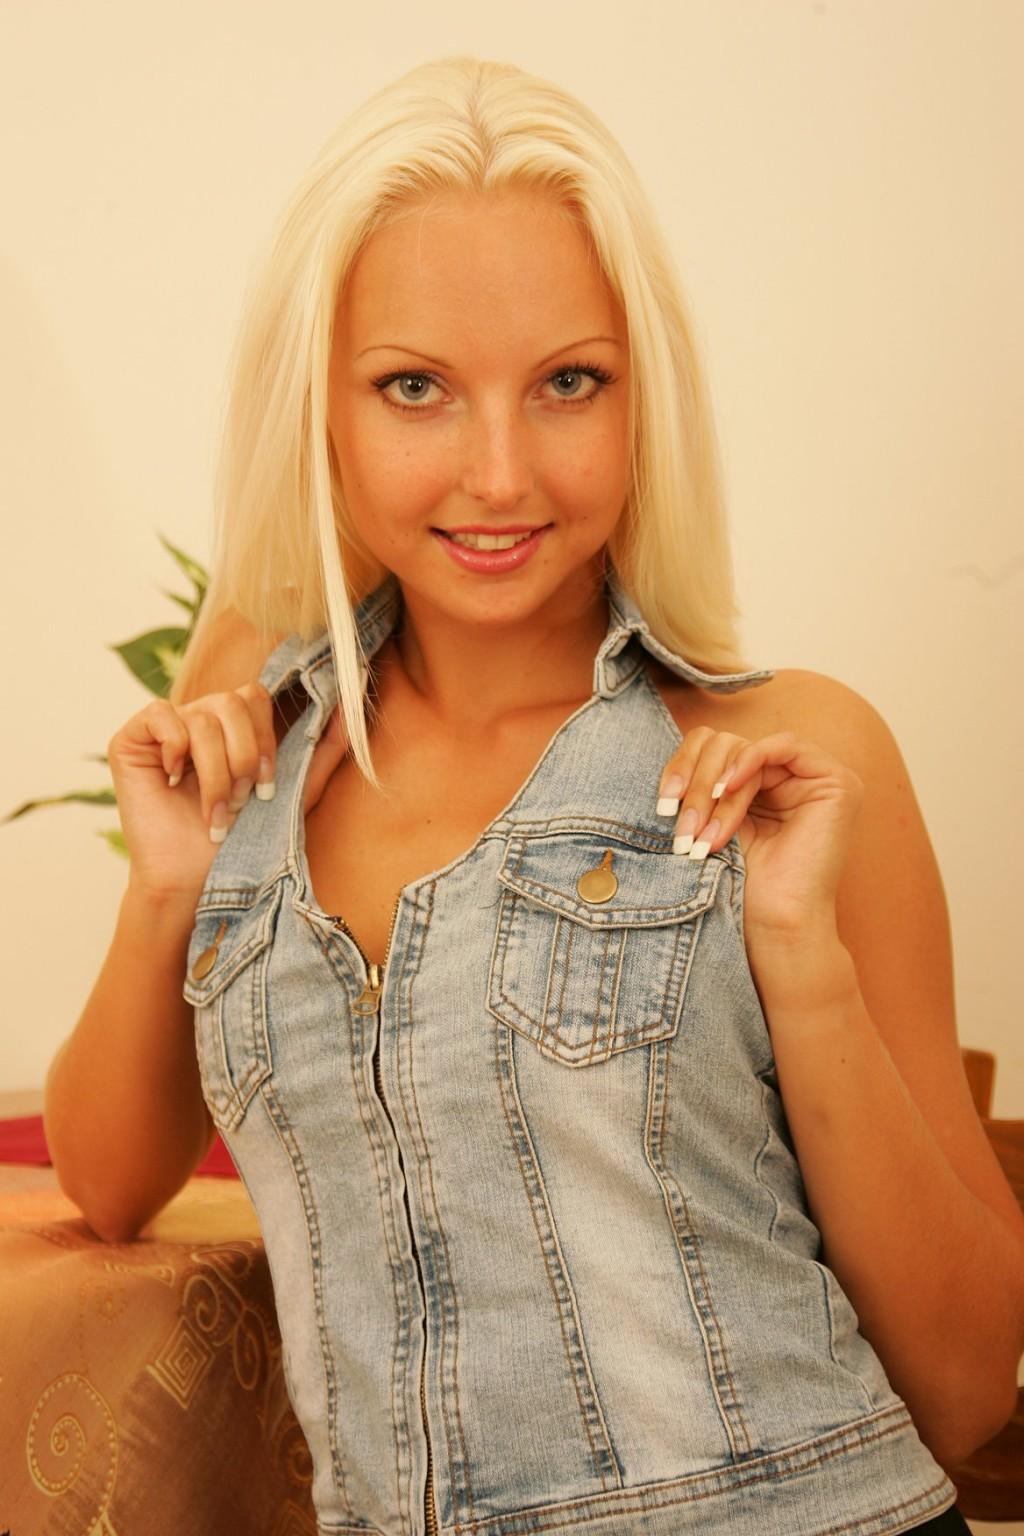 Veronika from TEENDREAMS  theNudeeu